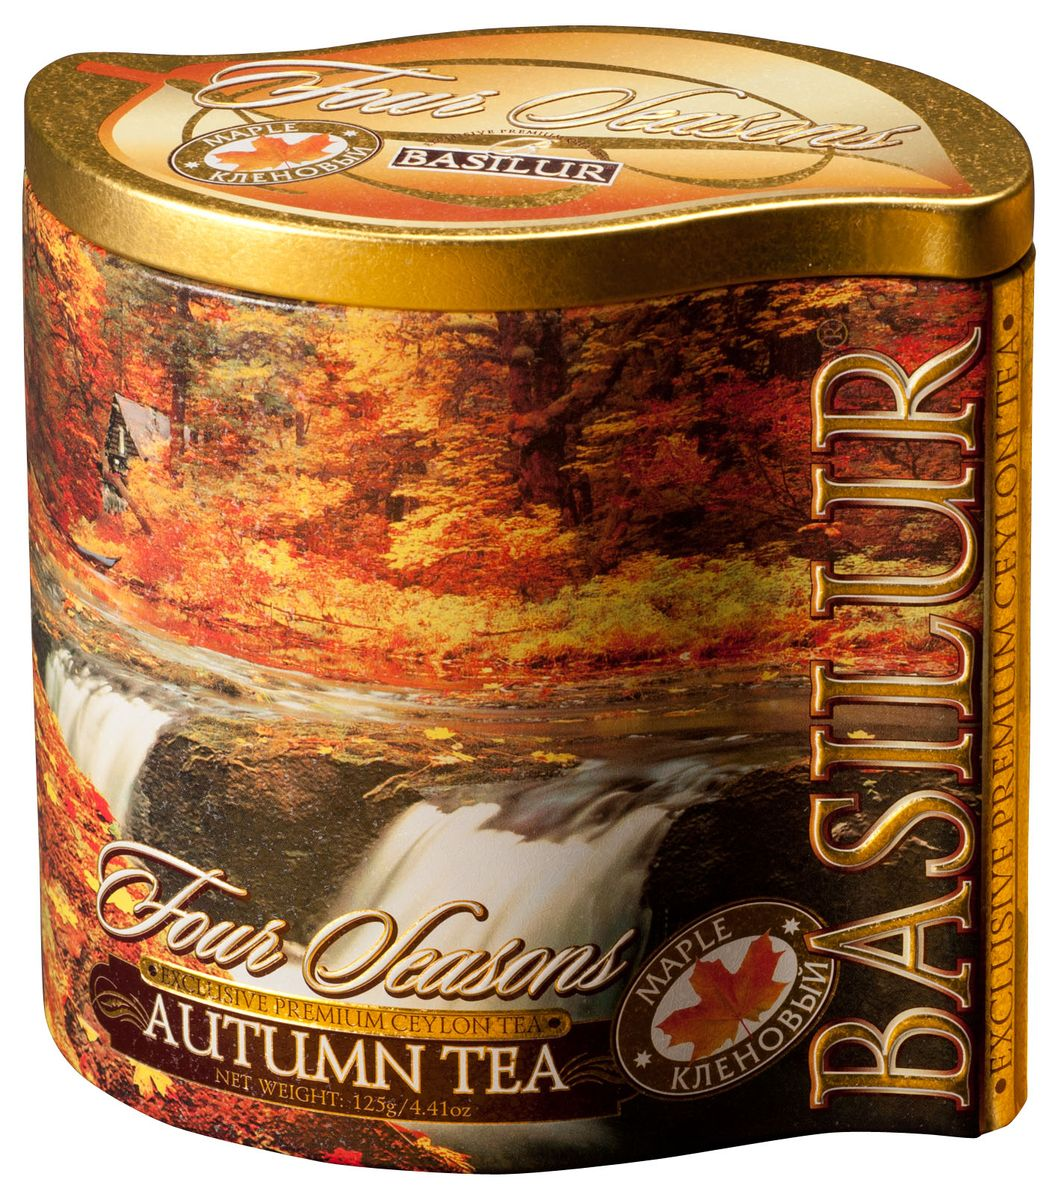 Basilur Autumn Tea черный листовой чай, с кленовым сиропом, 125 г (жестяная банка)0120710Basilur Autumn Tea - черный байховый листовой чай с лепестками сафлора и ароматом кленового сиропа. Прежде, чем природа укроется зимним снегом, наступает прекрасная осенняя пора, когда всё сверкает и переливается восхитительными красками. Великолепный вкус цейлонского чая Basilur с ароматом кленового сиропа и лепестками сафлора подарит вам яркое, как листок клёна, впечатление праздника.